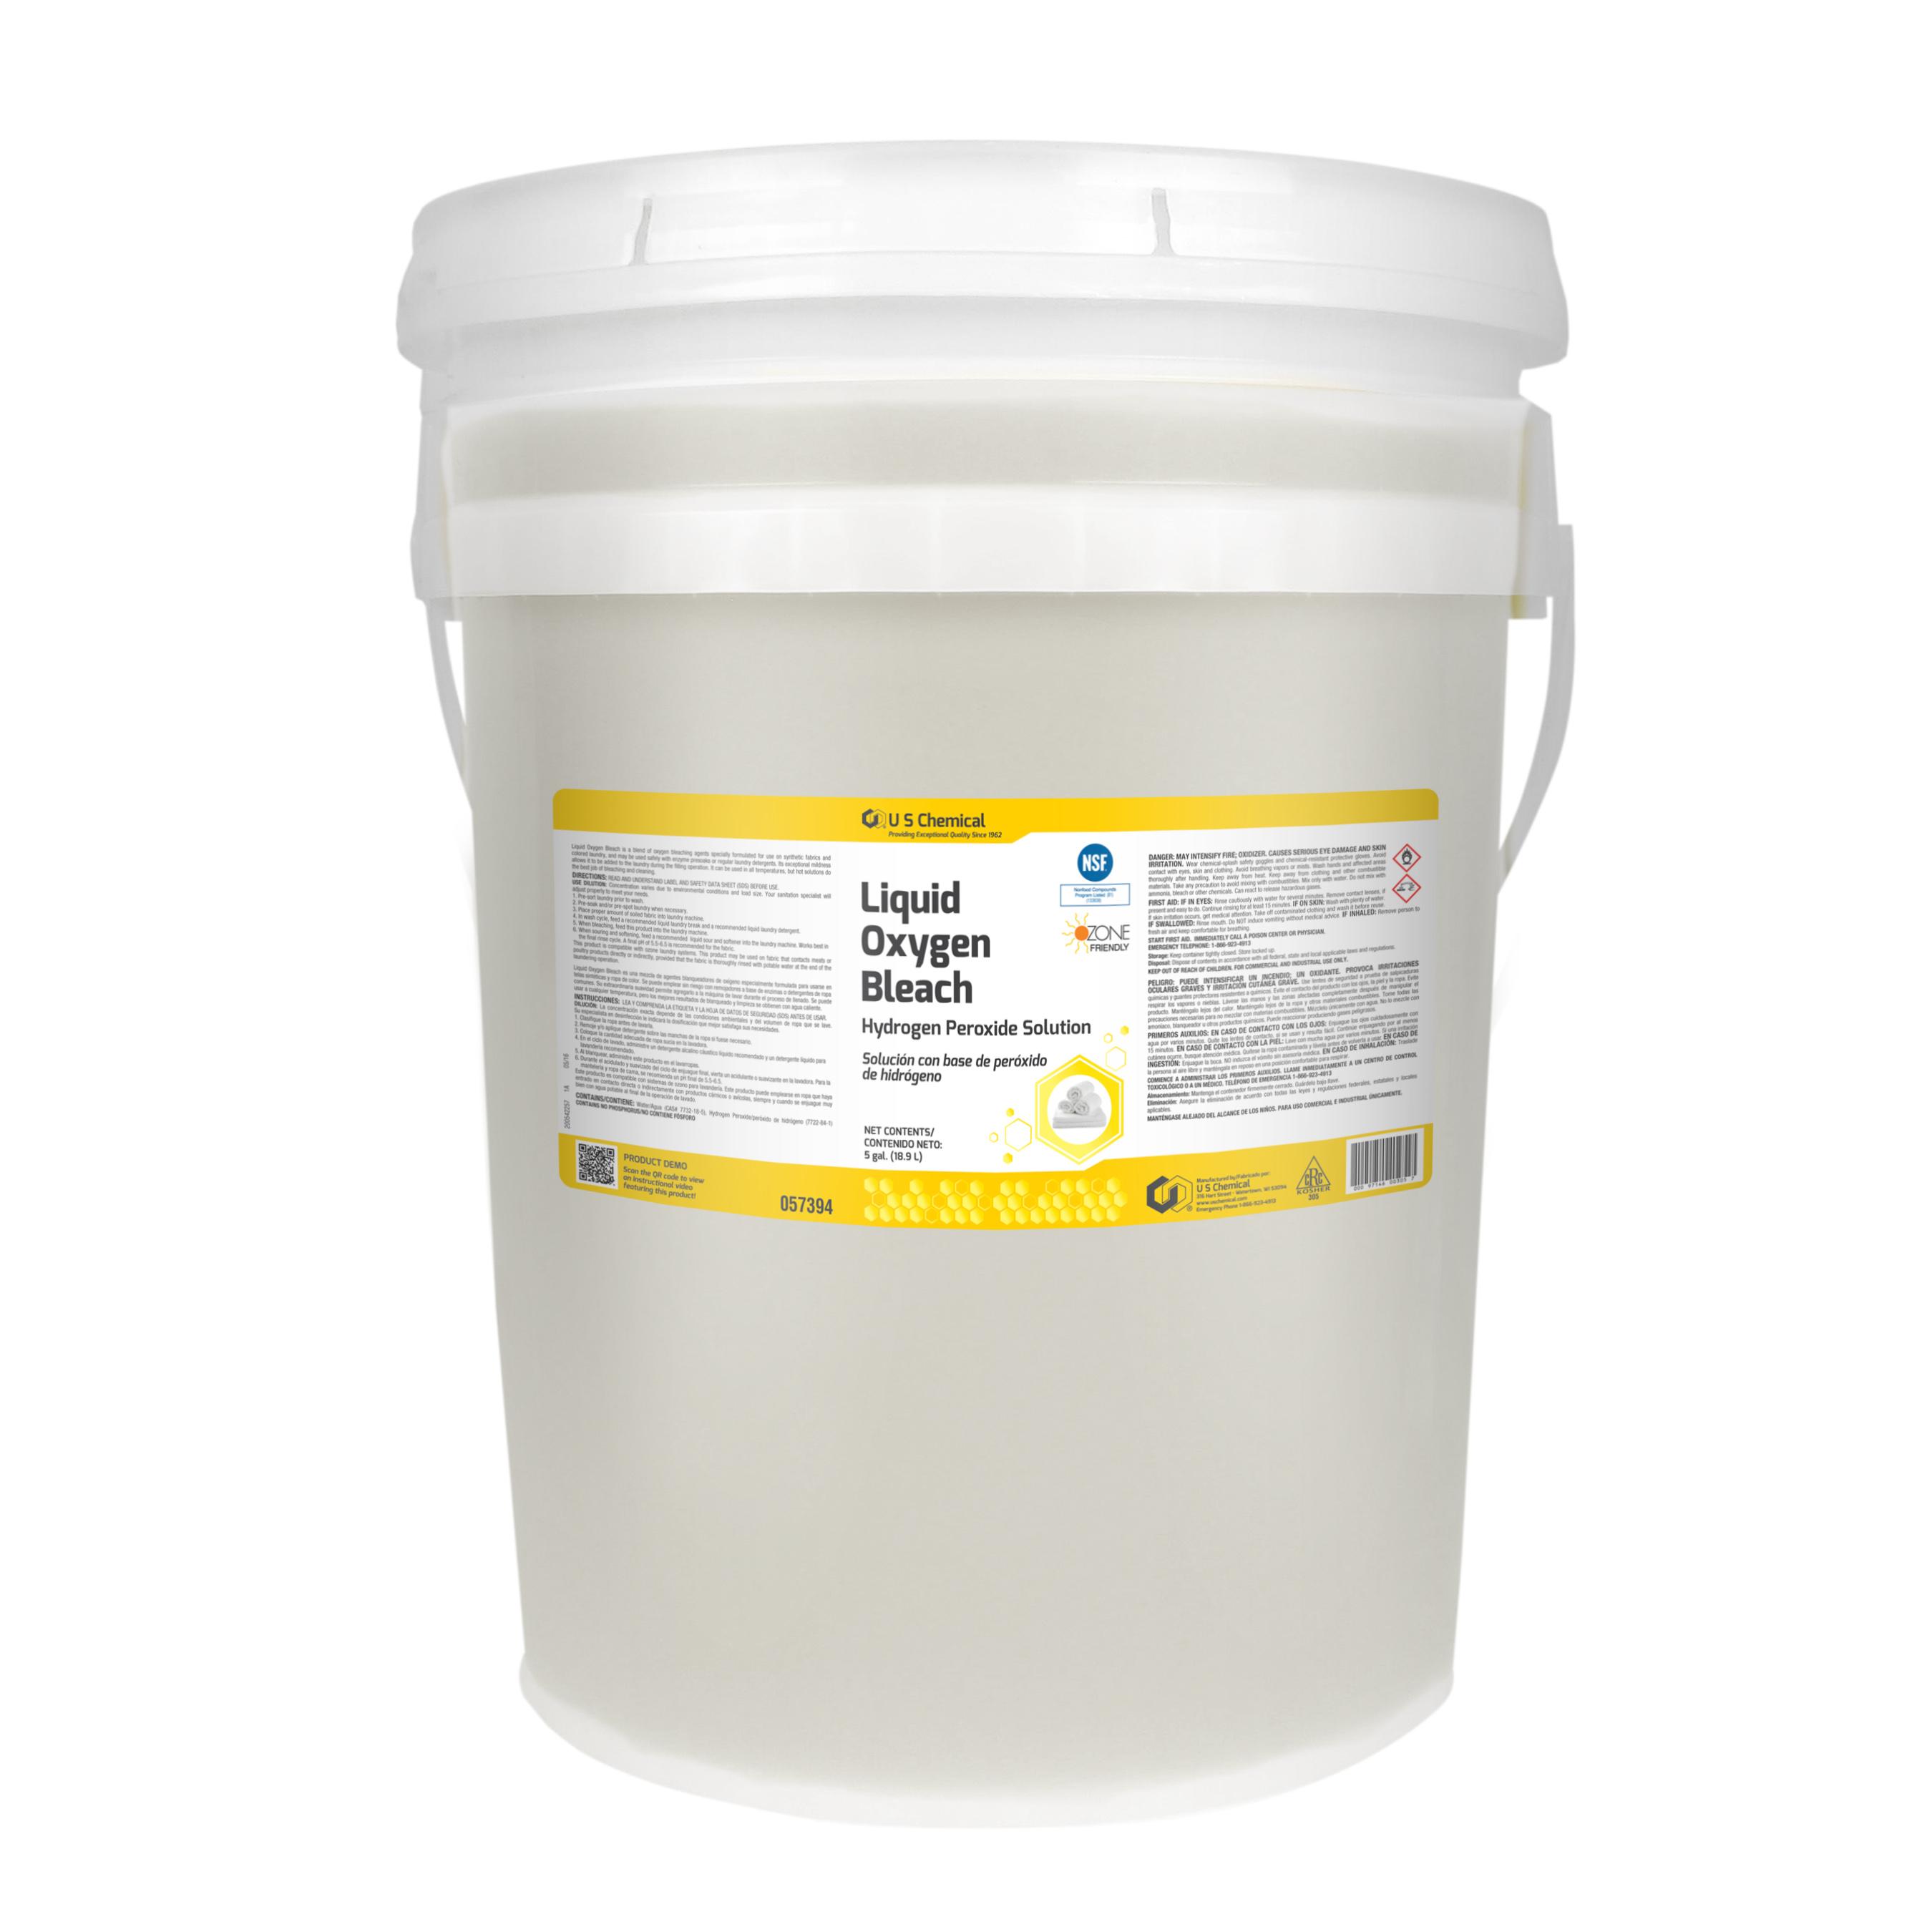 057394_liquid_oxygen_bleach_5ga